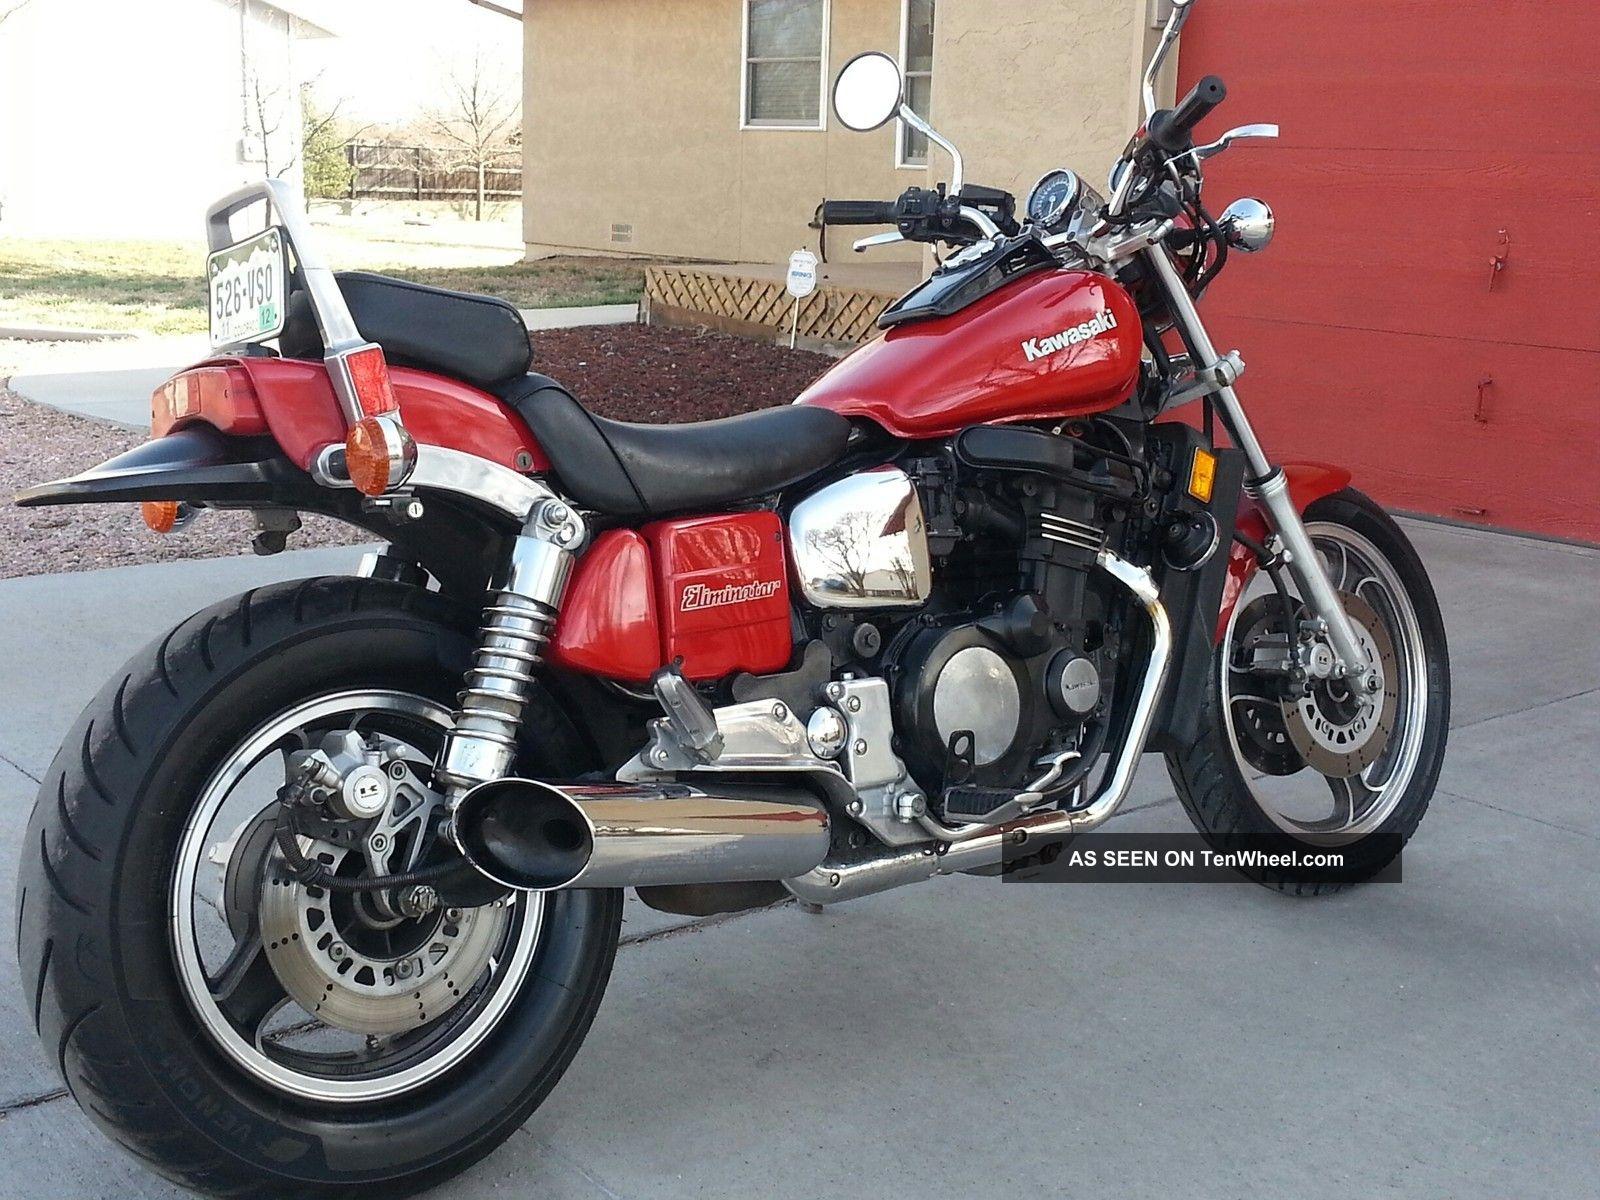 1985 Kawasaki Zl 900 Eliminator